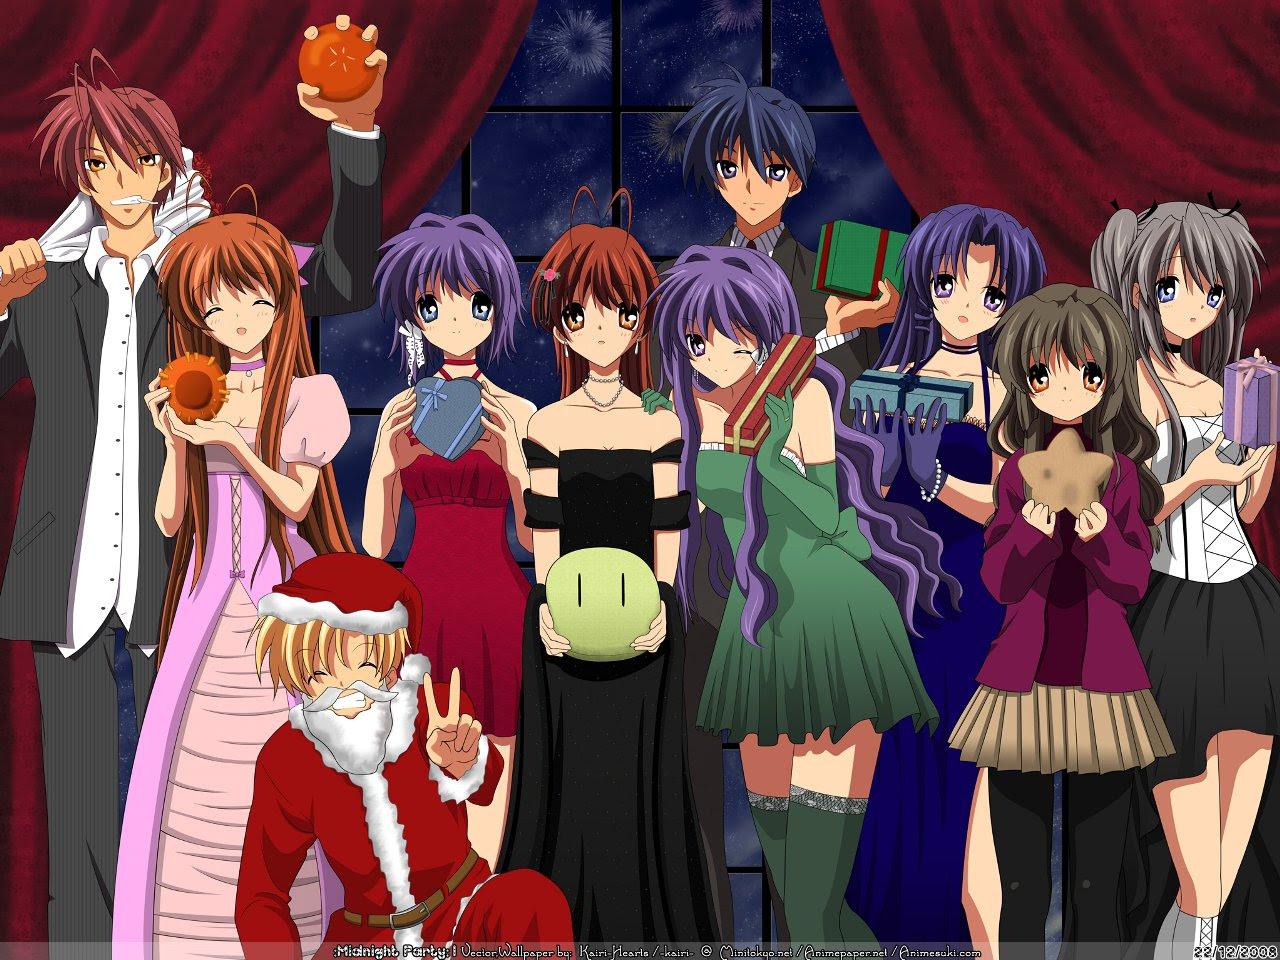 みんなのアニメ画像 高画質 Clannad